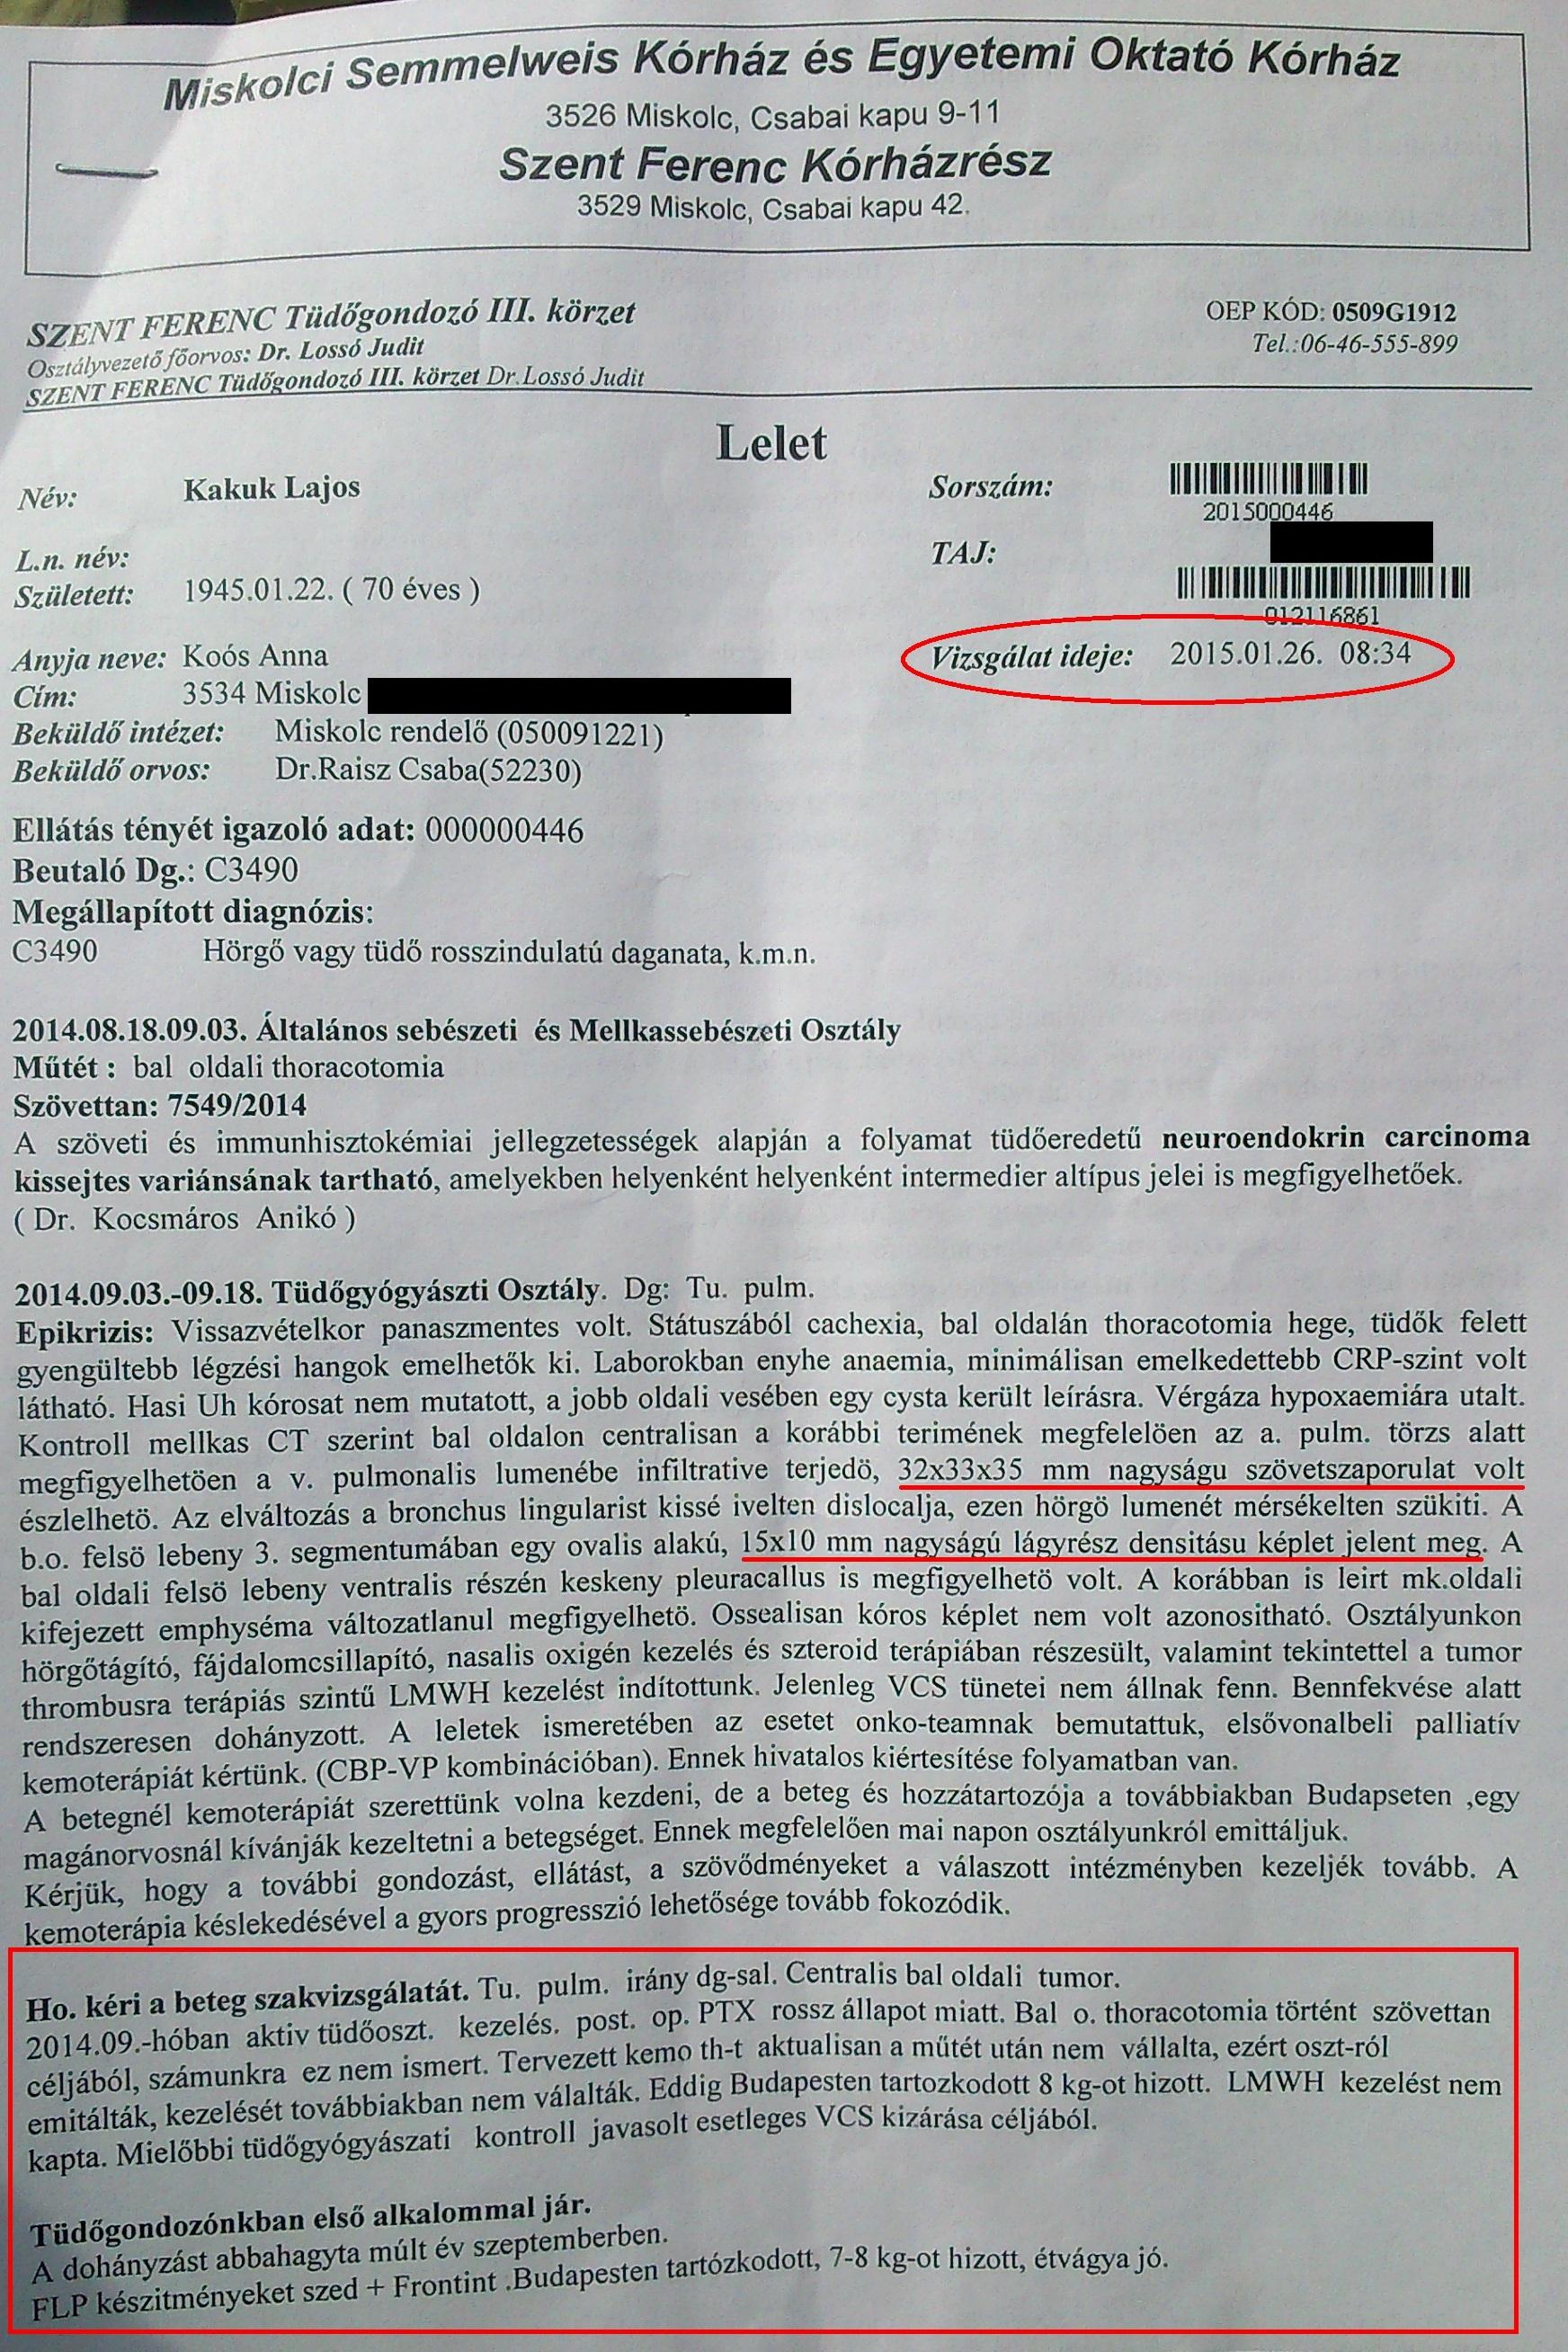 rák jele összefoglaló)